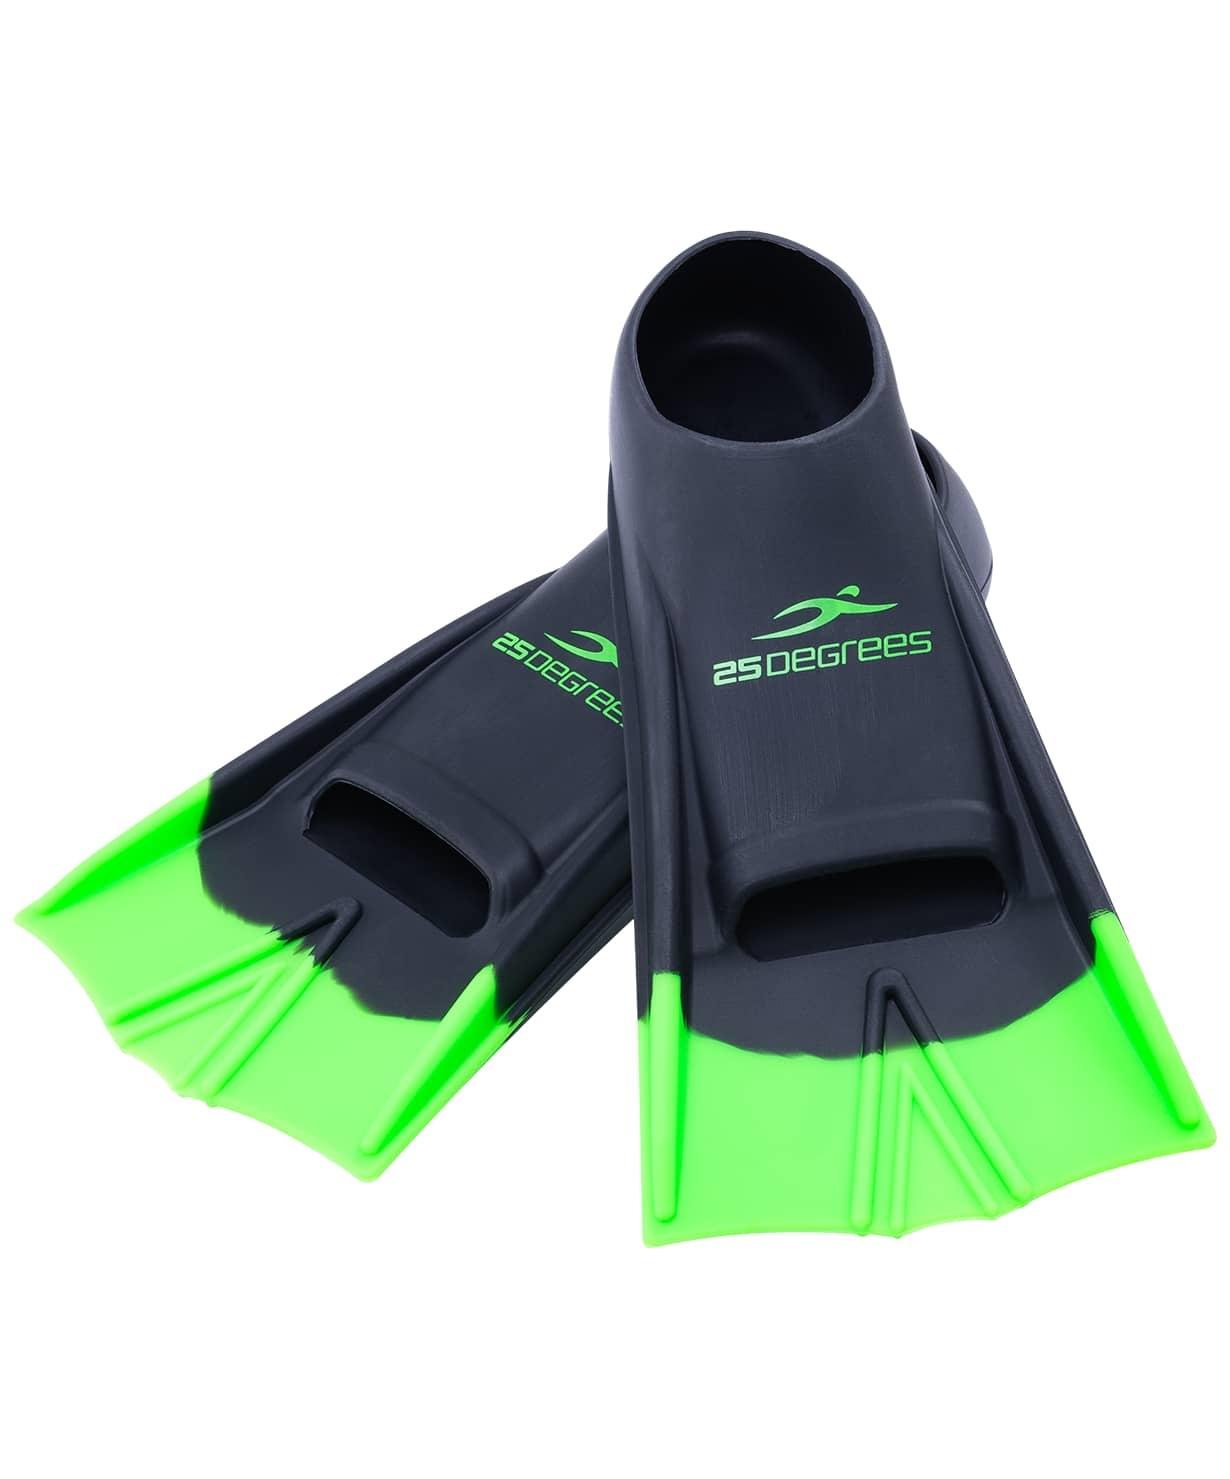 Ласты тренировочные Aquajet Black/Green, XS